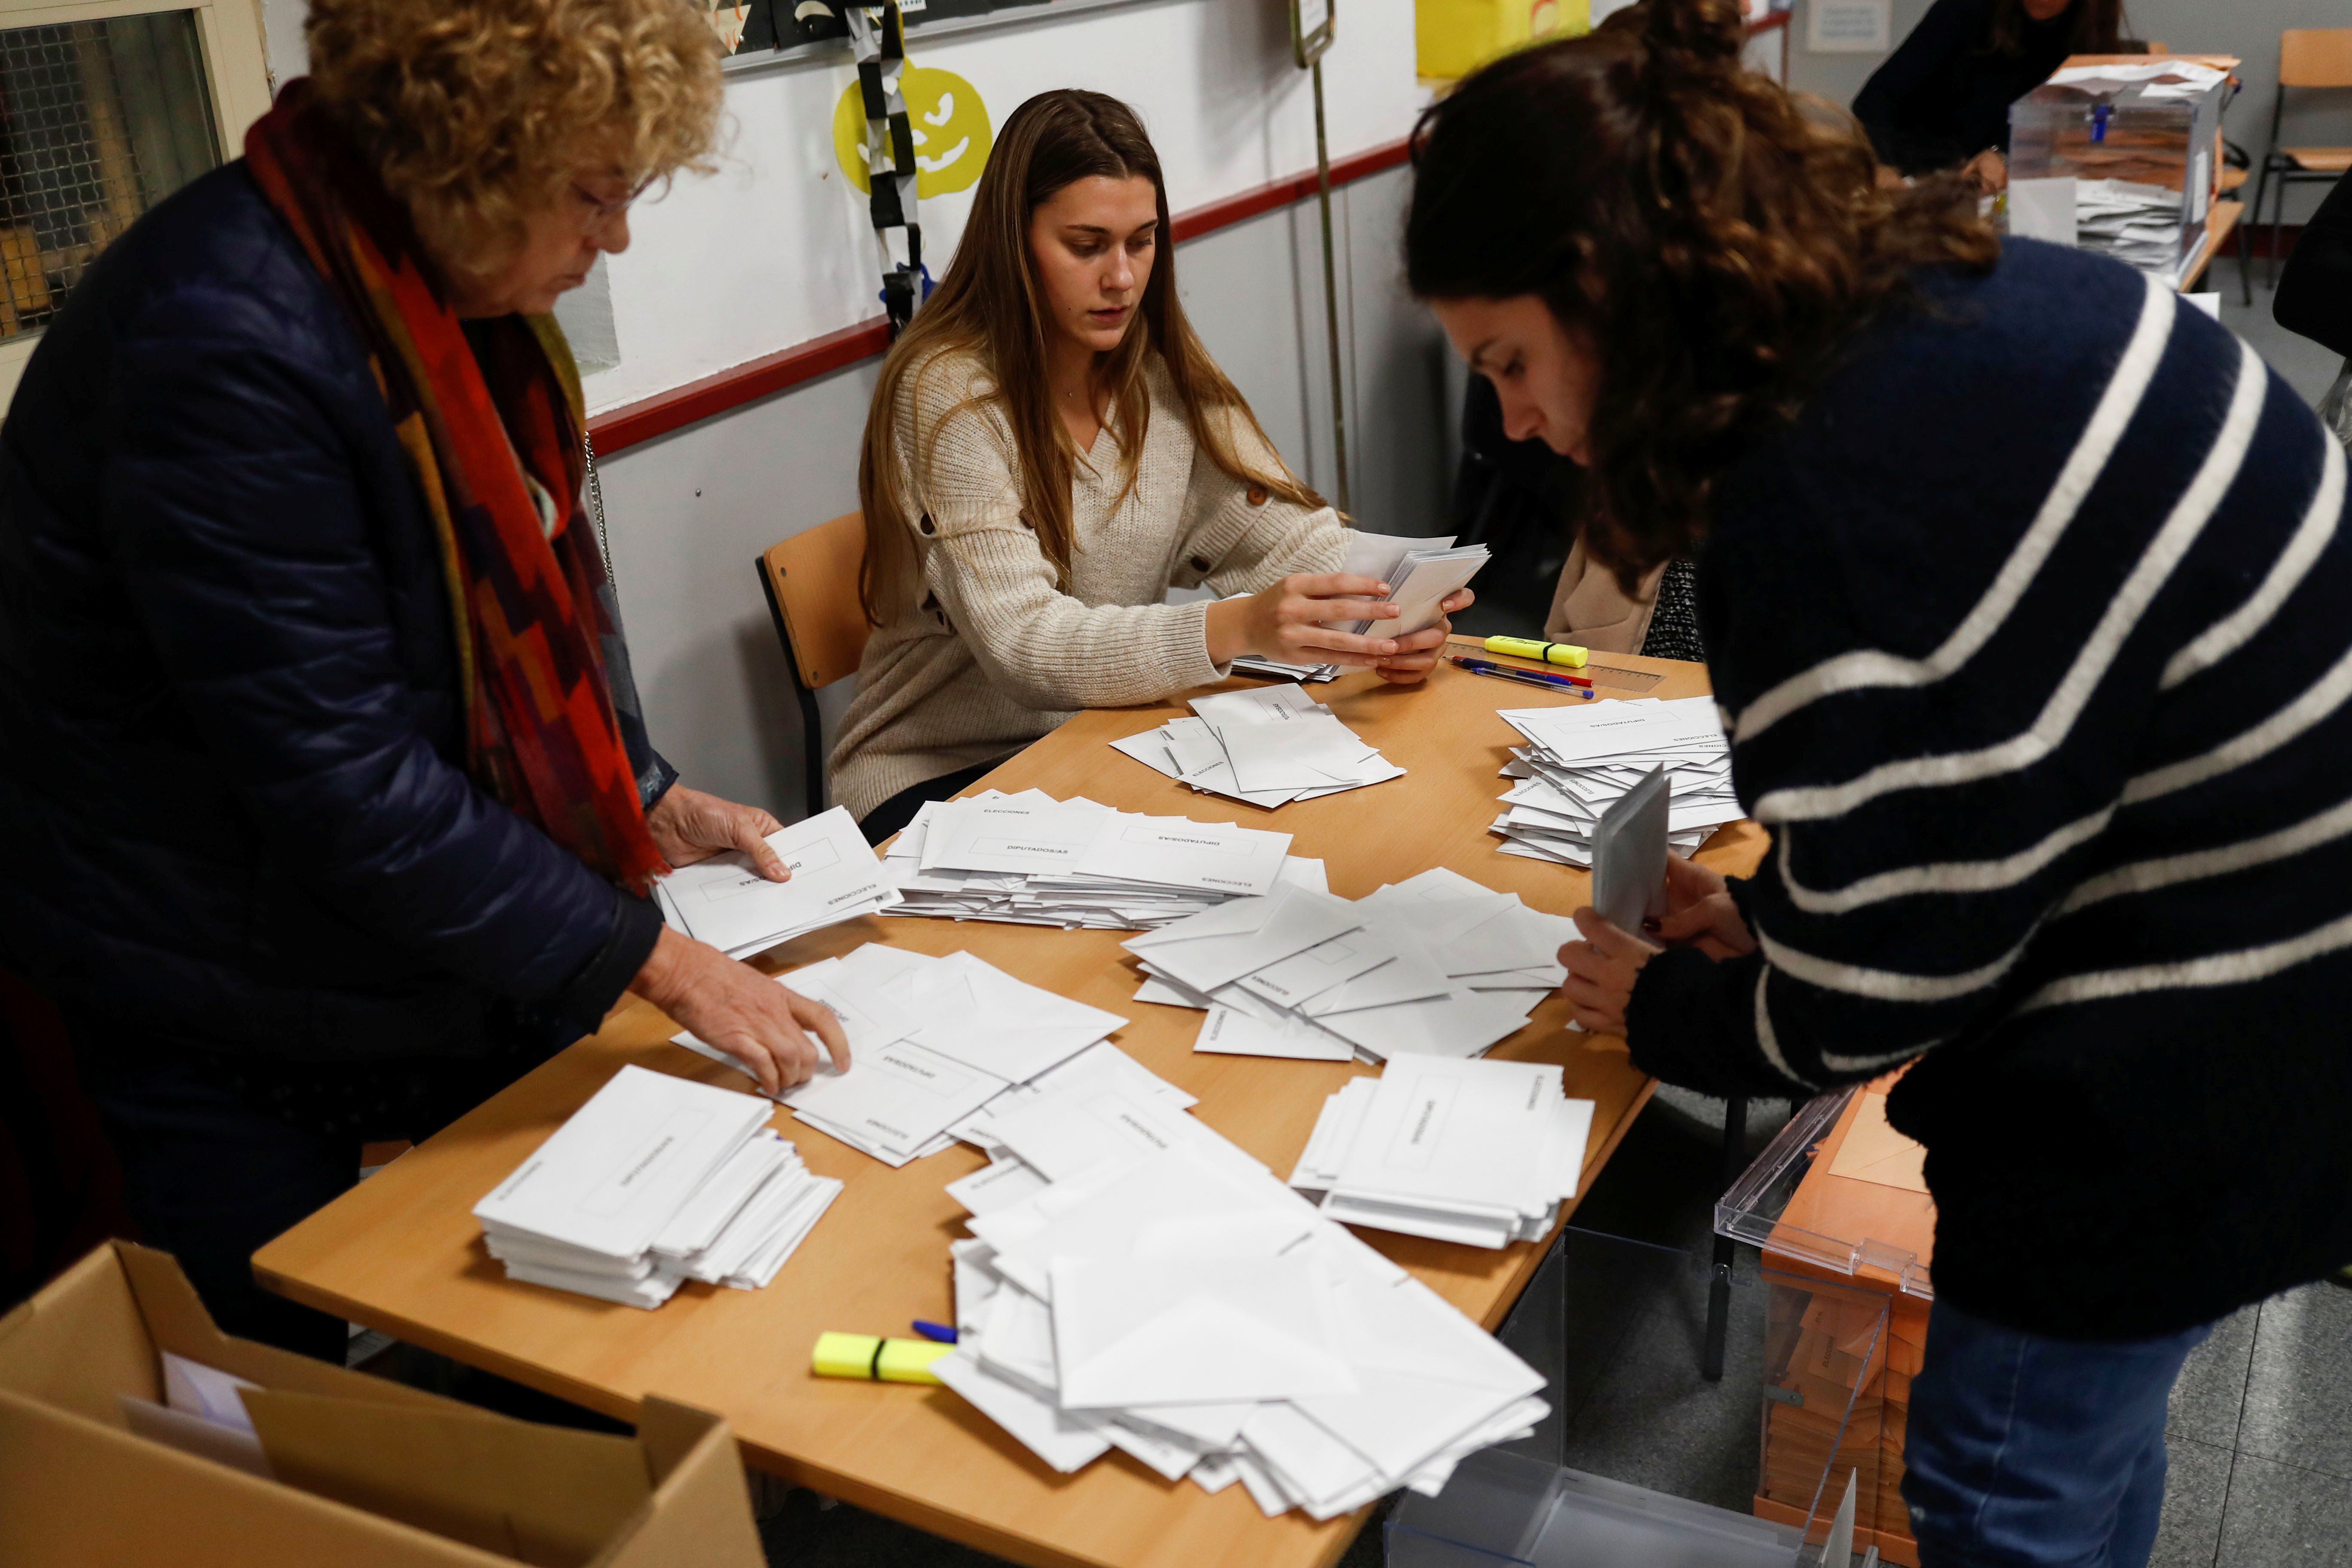 Ισπανία – Εκλογές: Κανείς την πλειοψηφία – Τρίτη δύναμη η ακροδεξιά